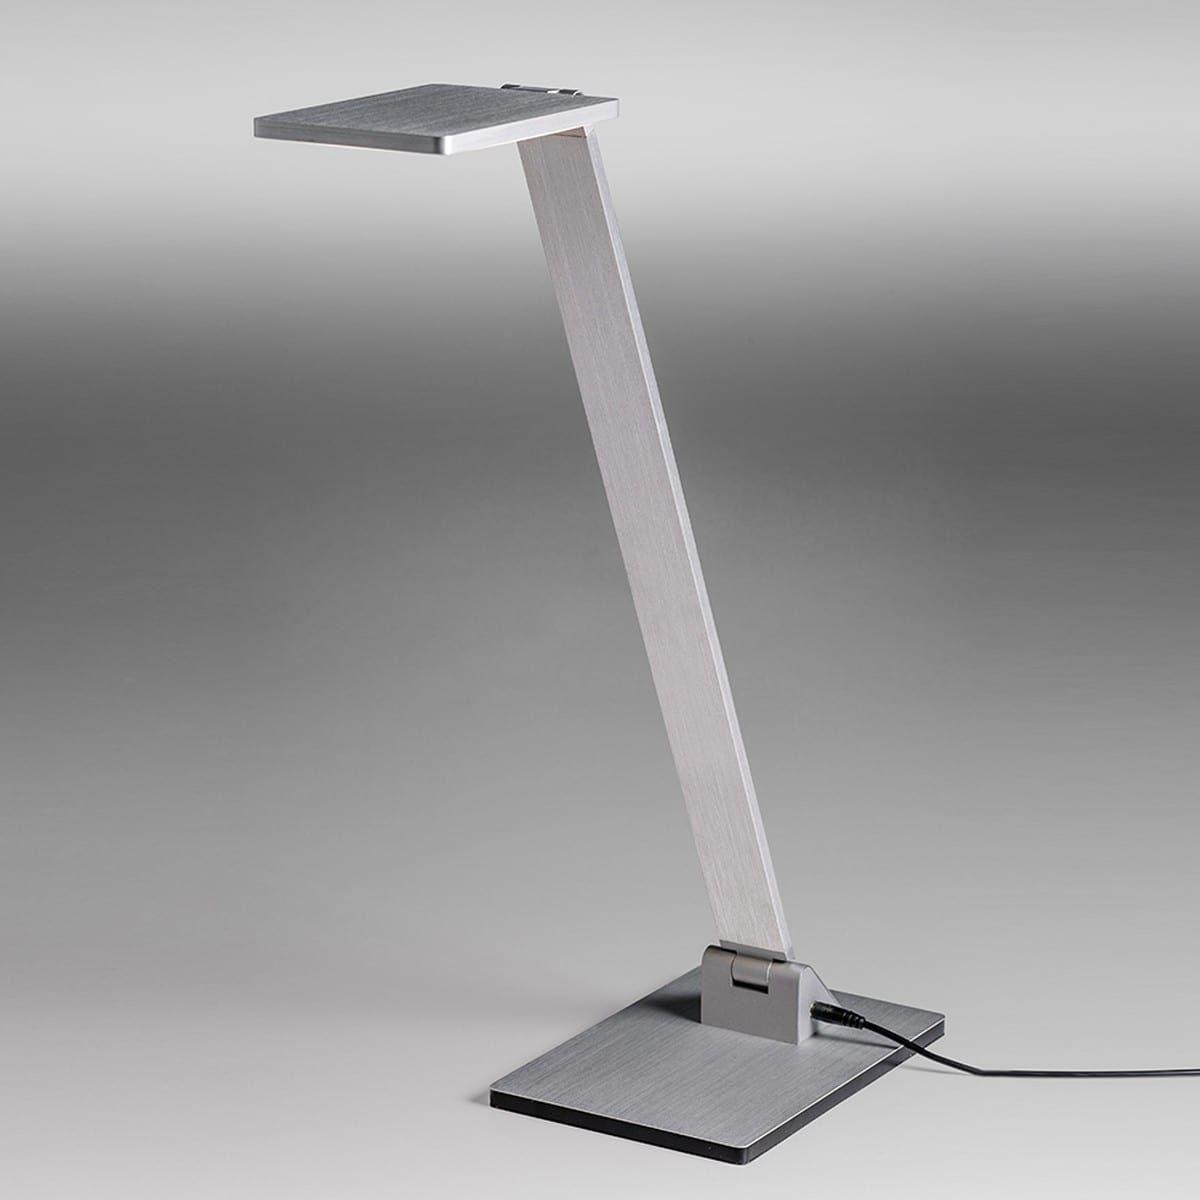 Nachttischleuchte Touch Me Designer Tischlampe Glas Led Leuchten Mit Batterie Und Fernbedienung Led Tisch Tischleuchte Designer Tischlampe Moderne Lampen